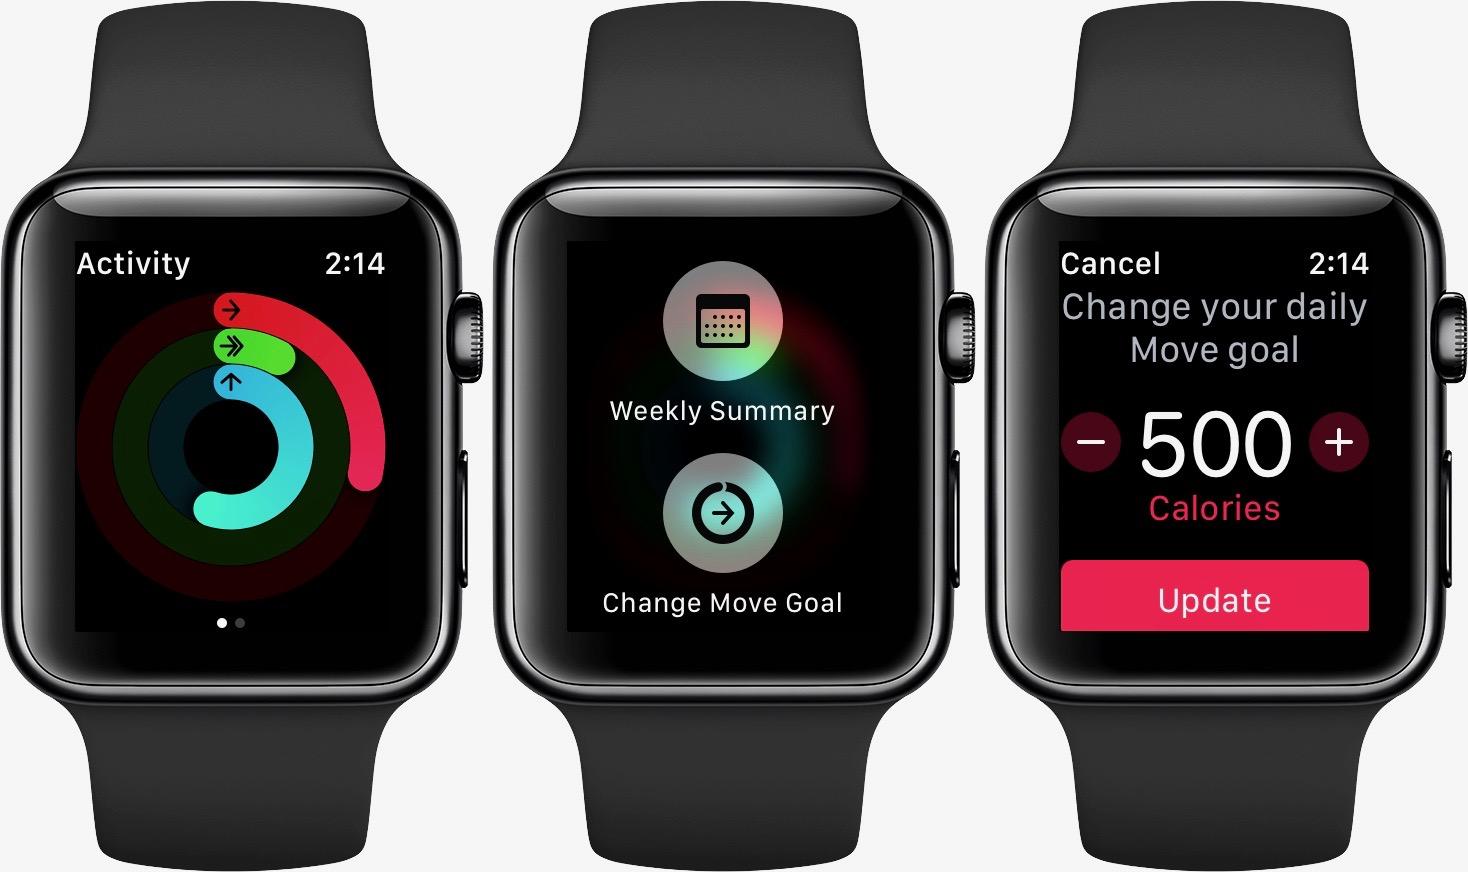 Change Apple Watch exercise goal walkthrough 1